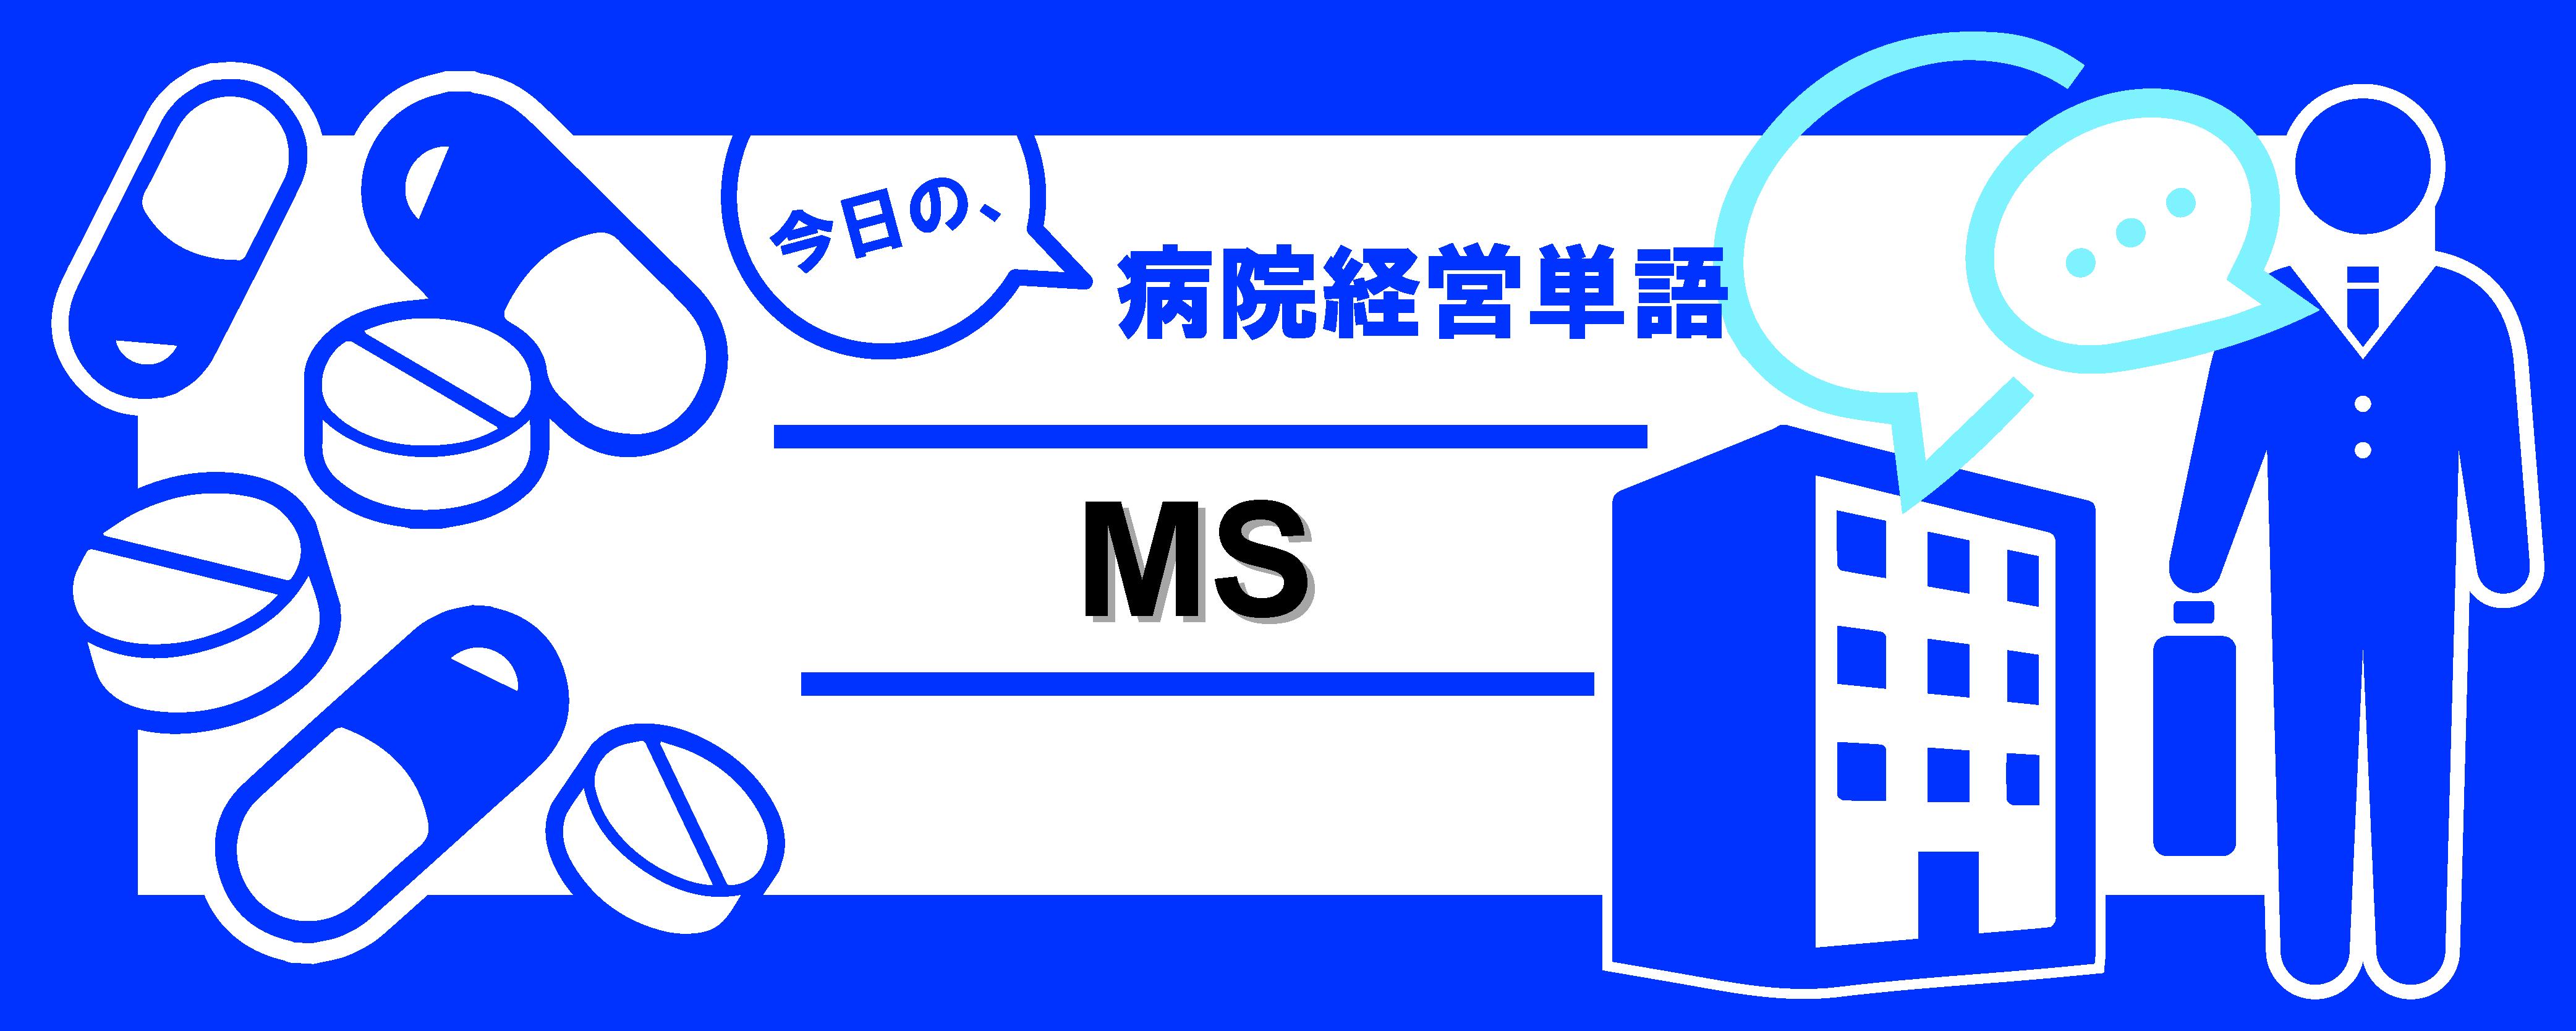 19.経営単語_記事画像